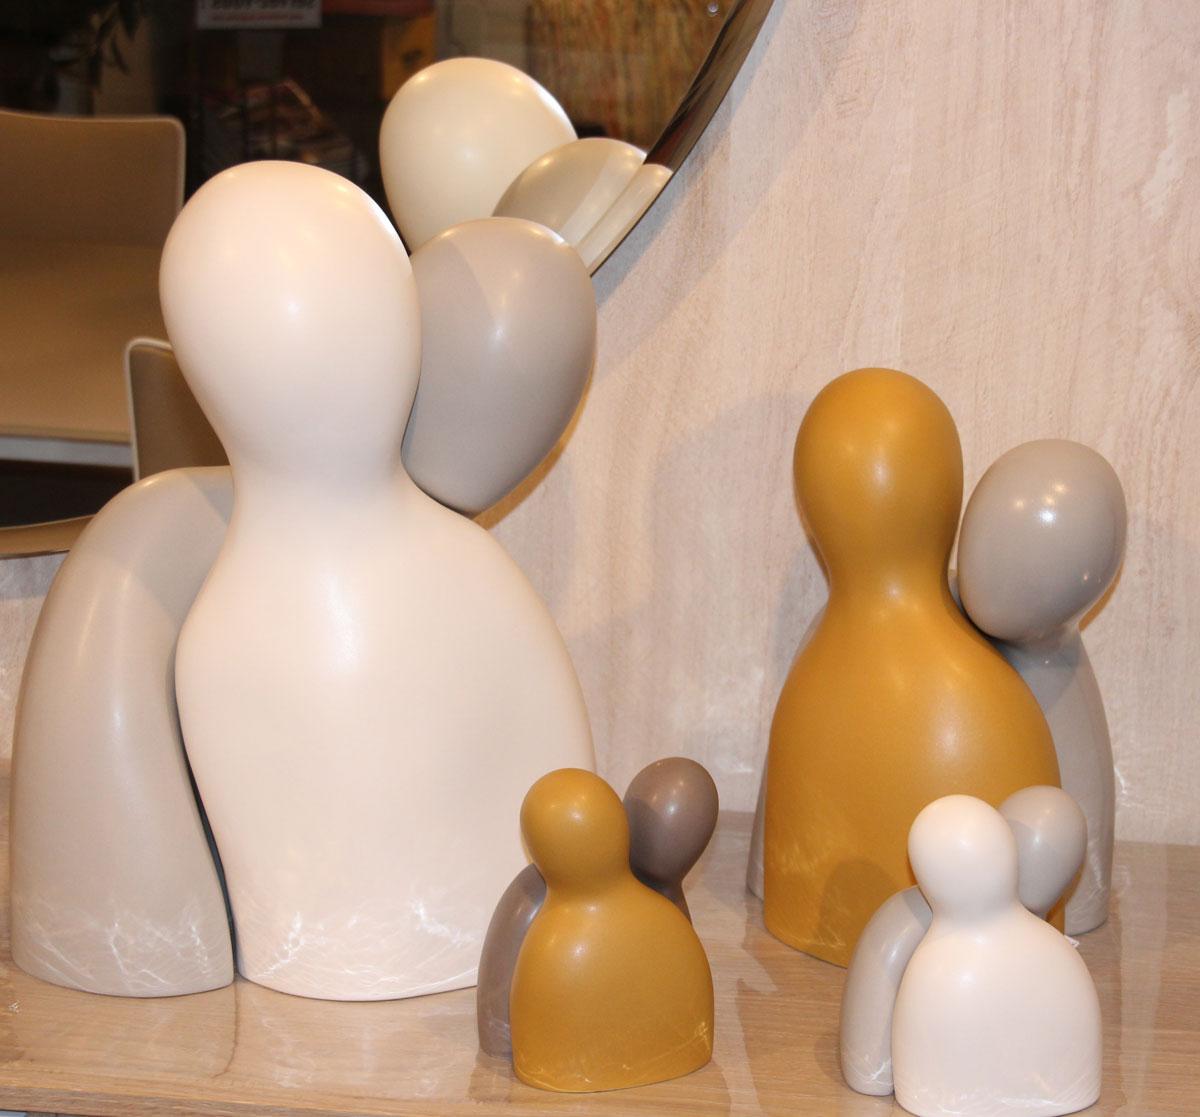 les couples Love de la faiencerie de Charolles au charme du Logis